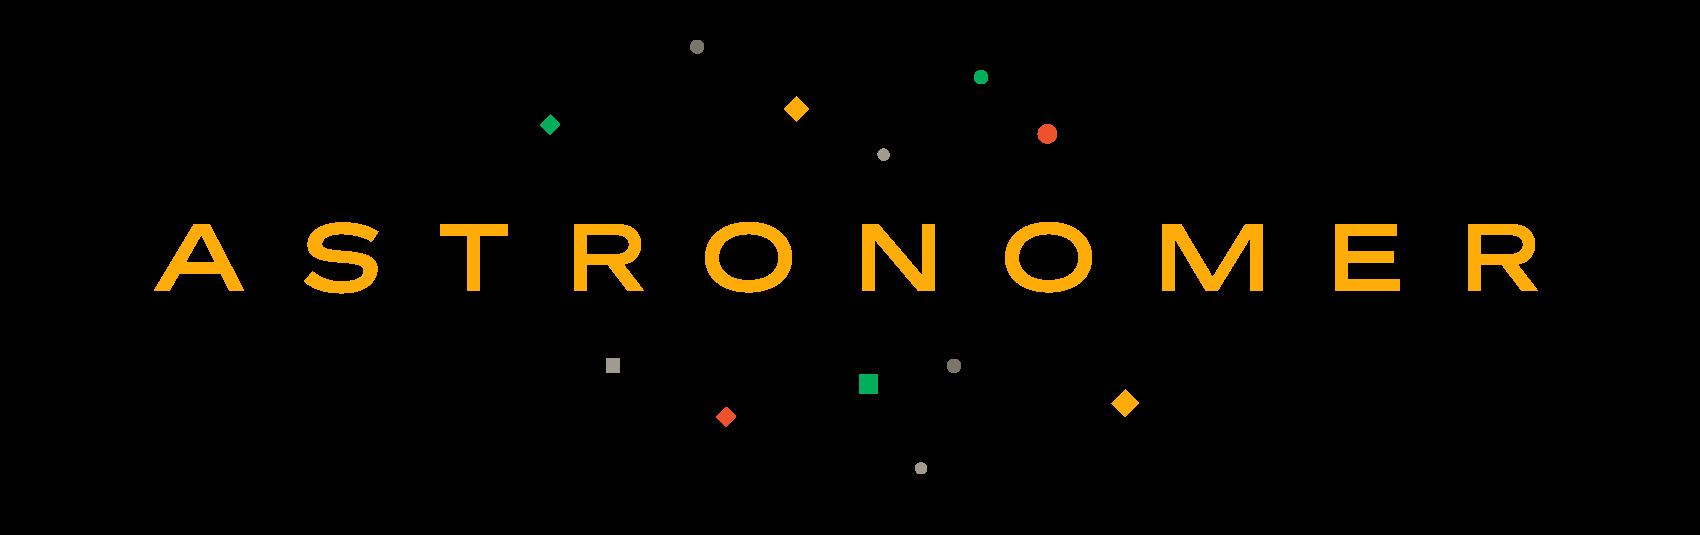 logoForDARKbg.png